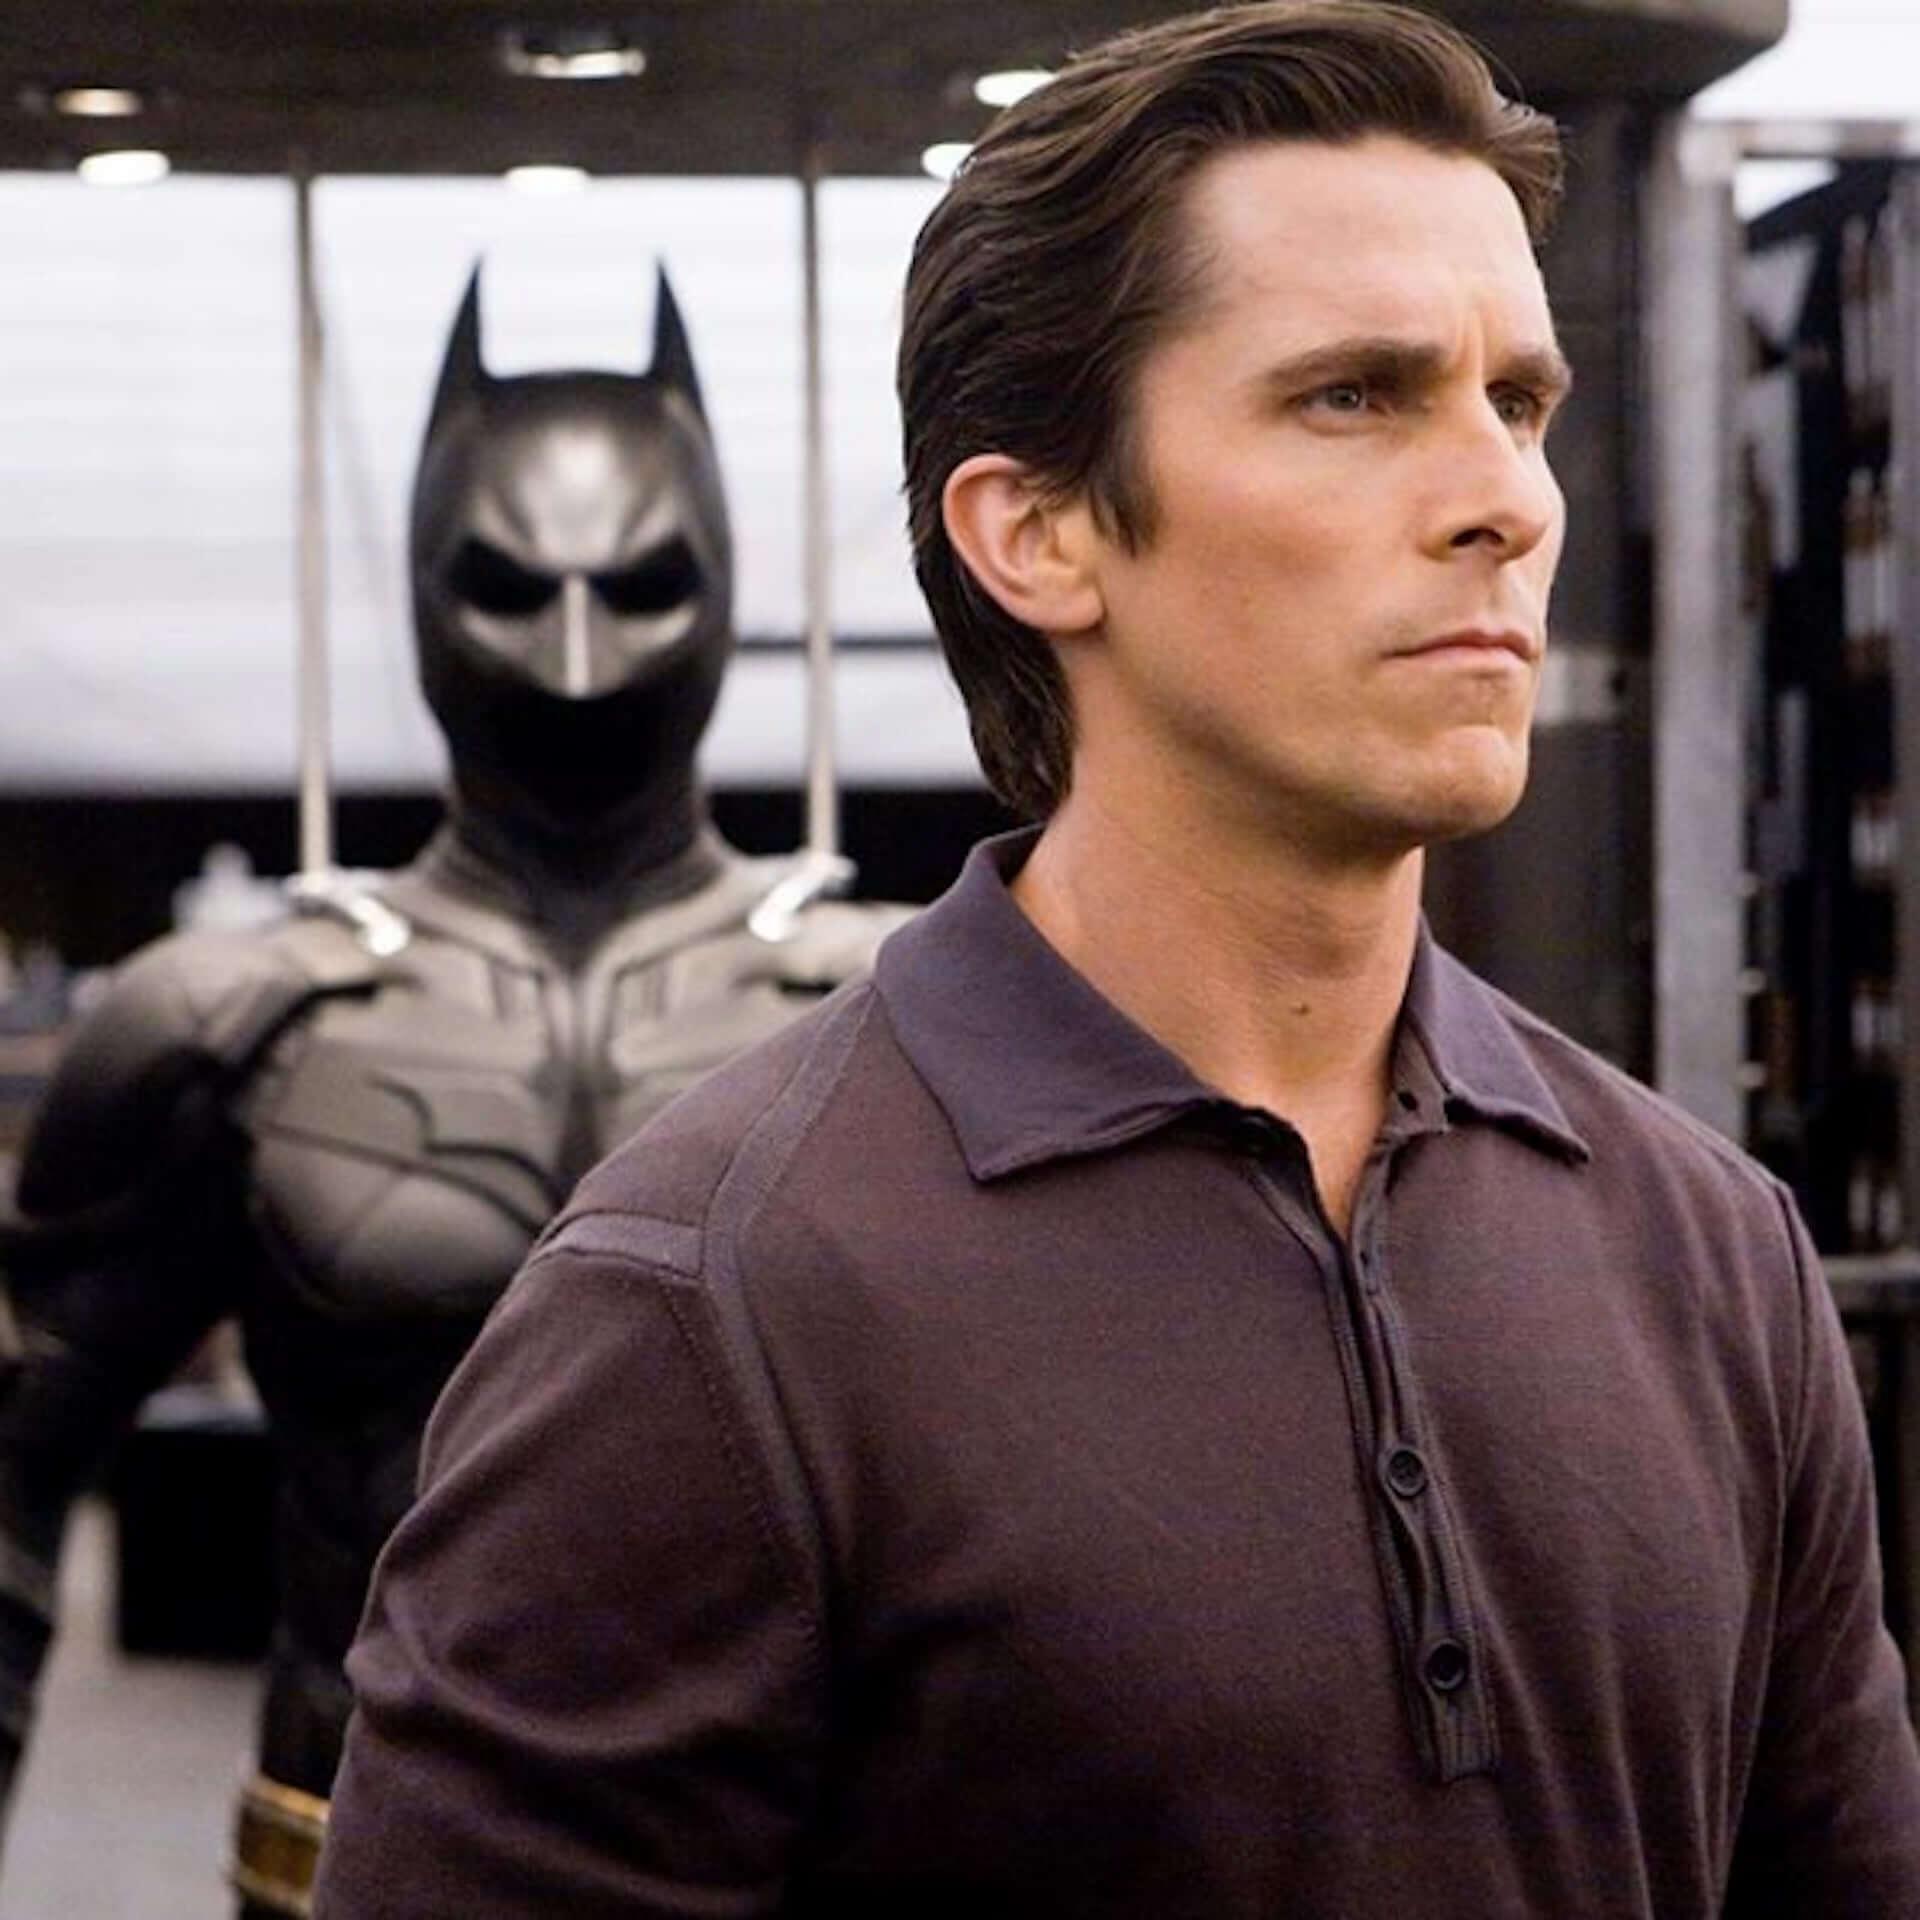 「ダークナイト」シリーズ主演クリスチャン・ベールは新バットマンのロバート・パティンソンに何を思う? film190910_batman_bale_pattinson_main-1920x1920